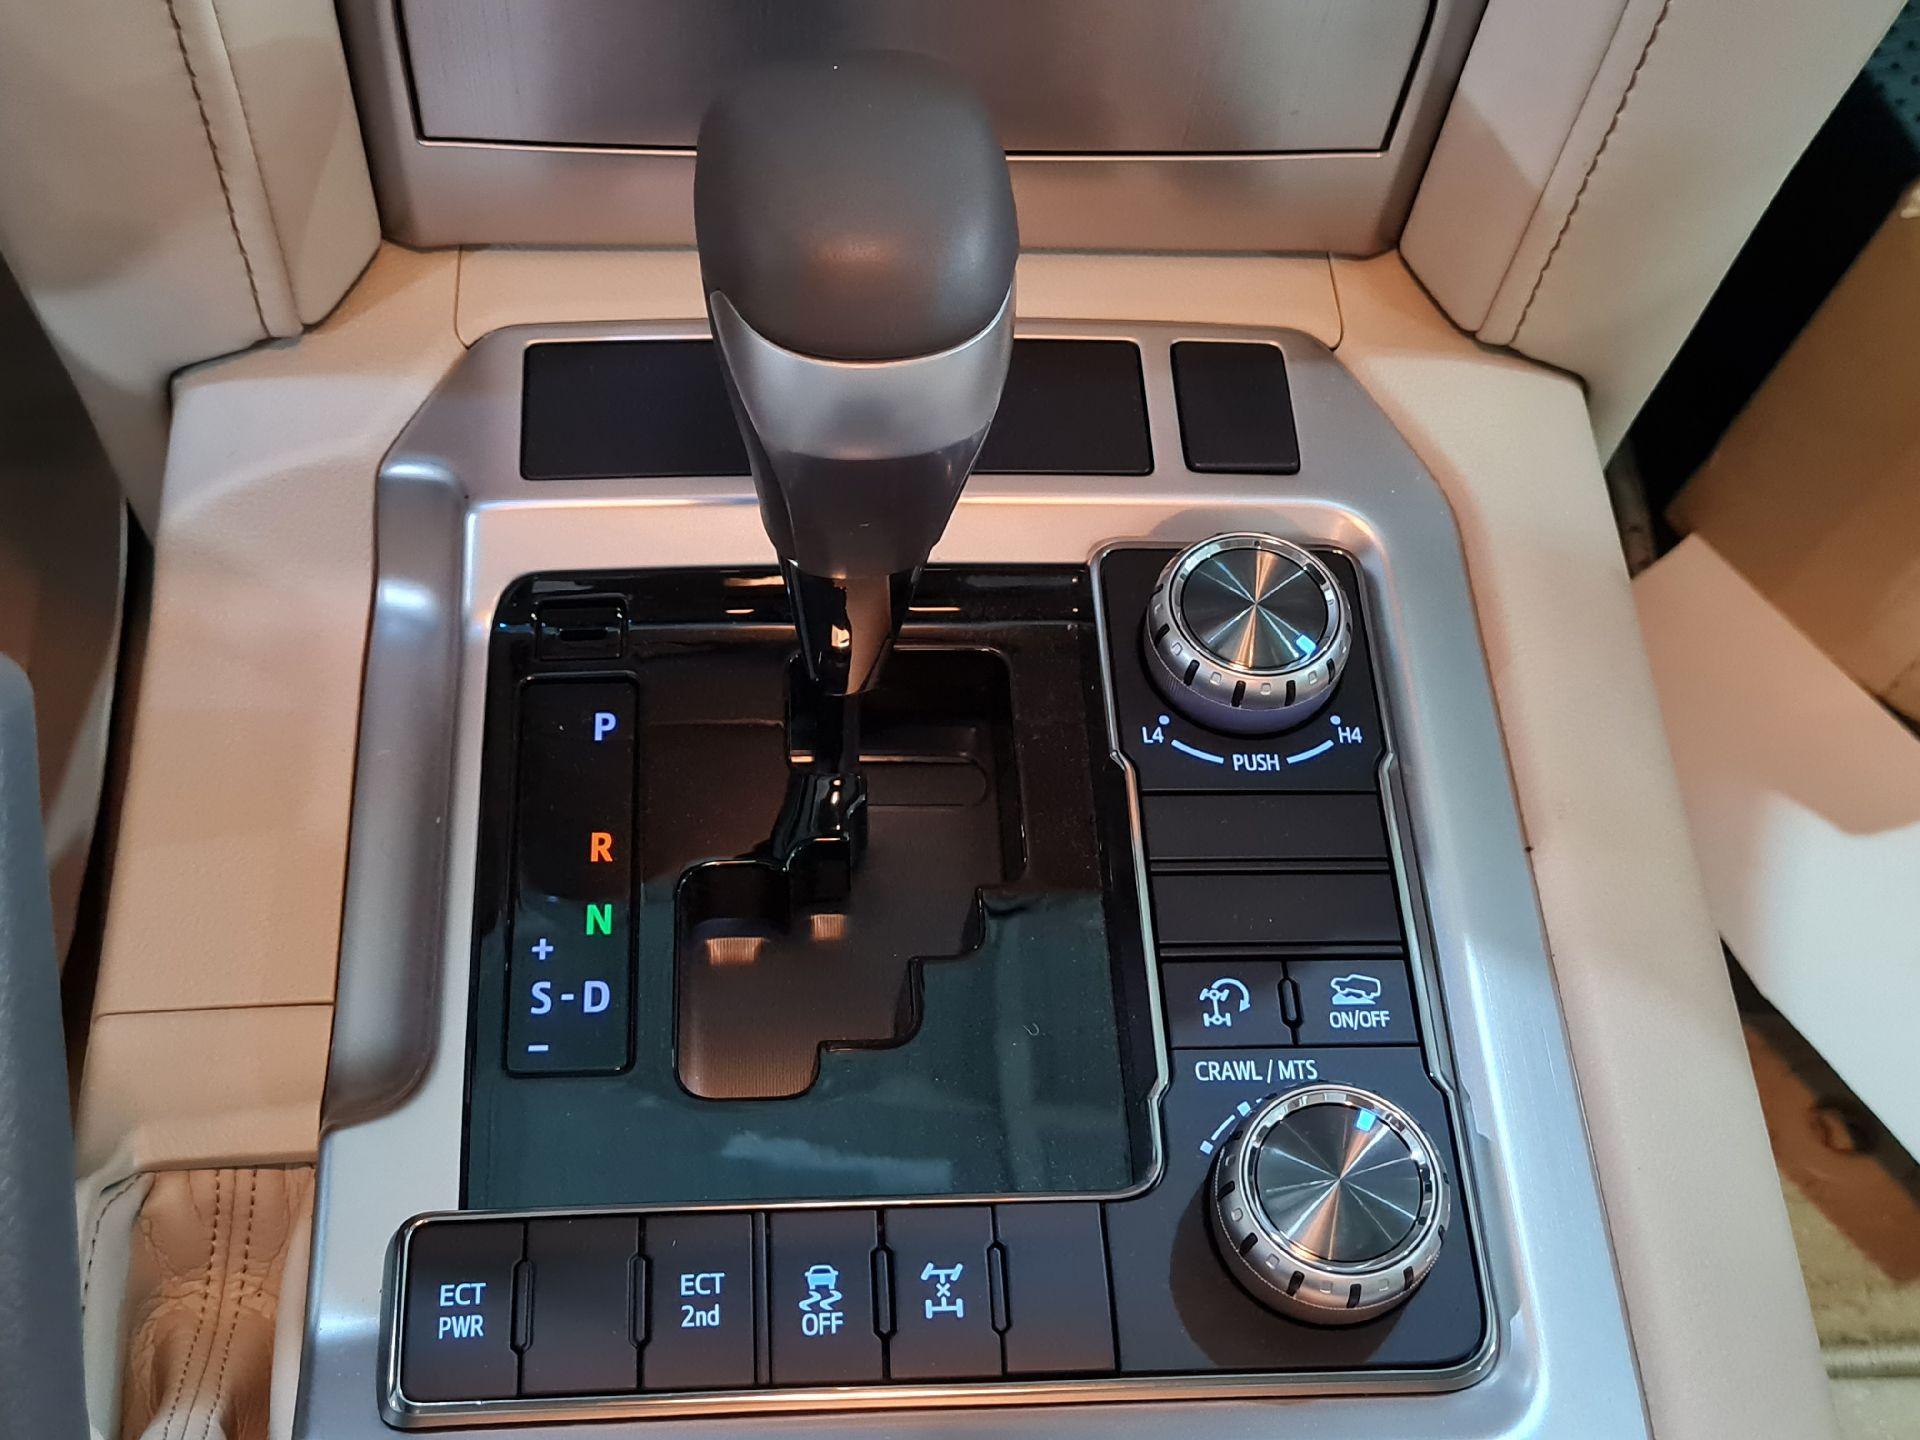 تويوتا لاندكروزر VXR1 2021 ستاندر خليجي للبيع في الرياض - السعودية - صورة كبيرة - 1